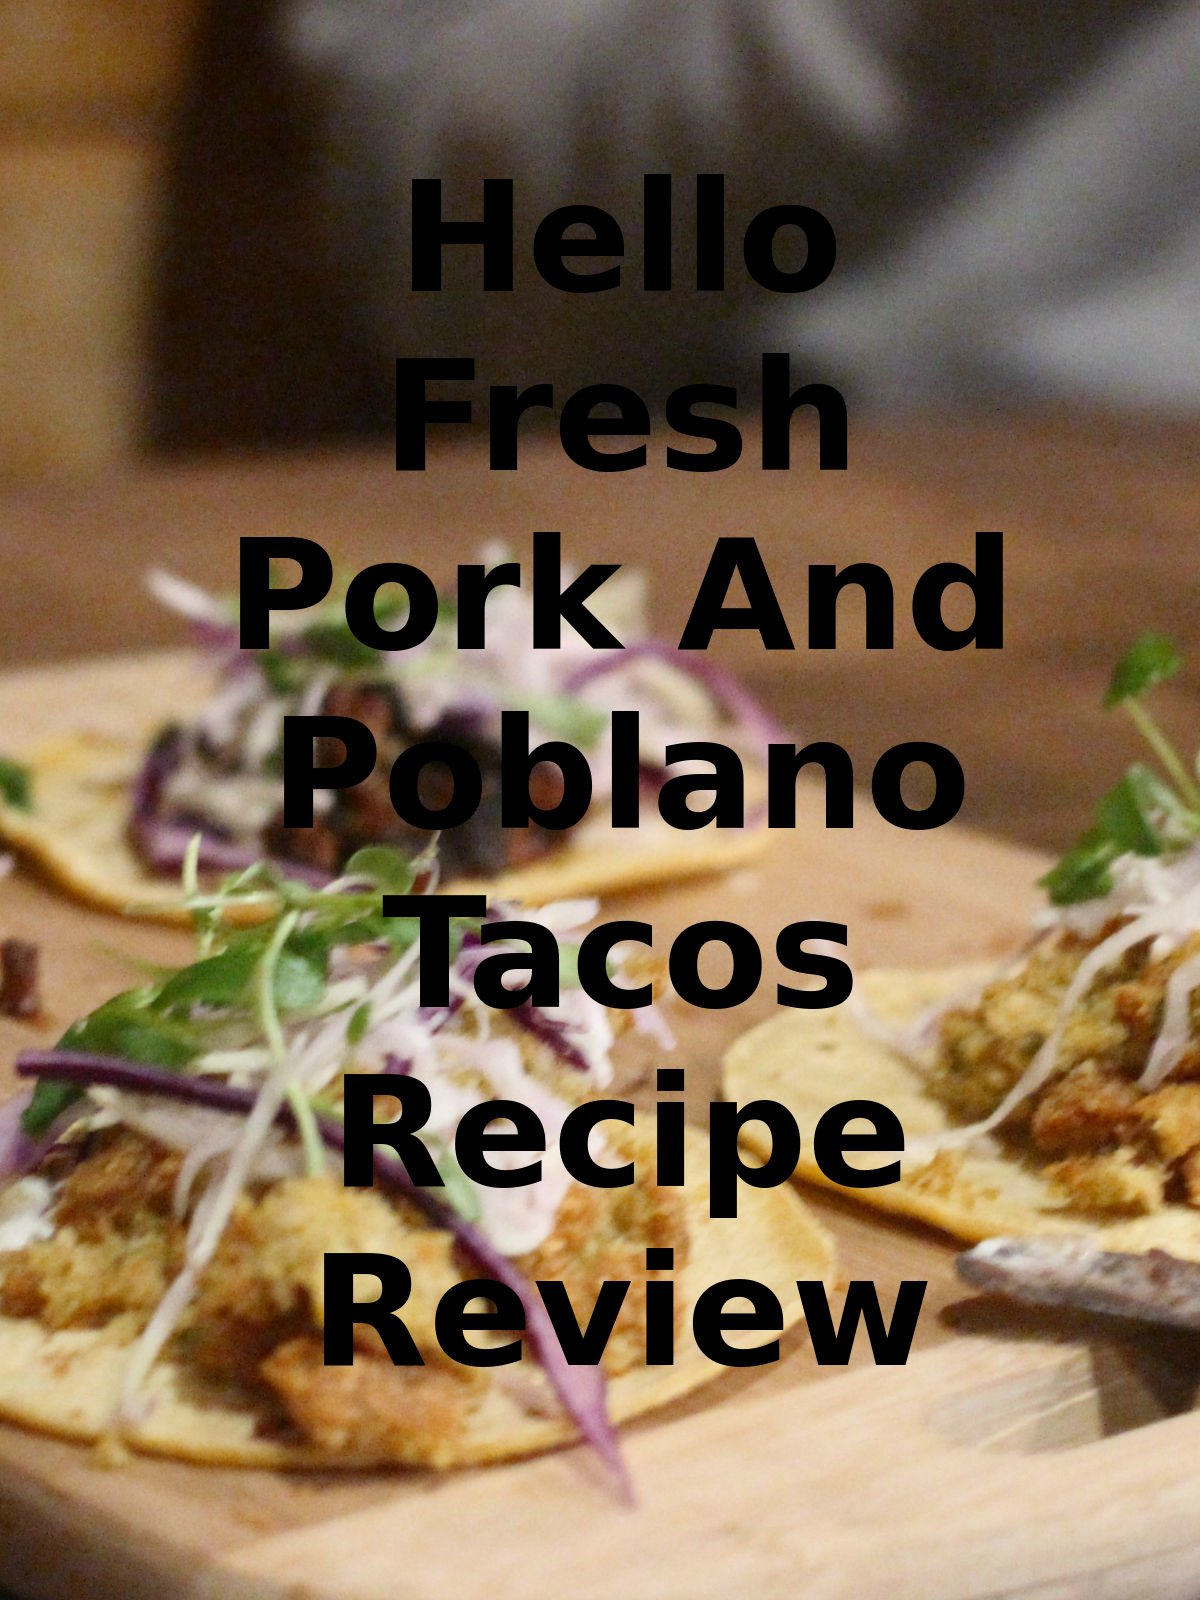 Review: Hello Fresh Pork And Poblano Tacos Recipe Review